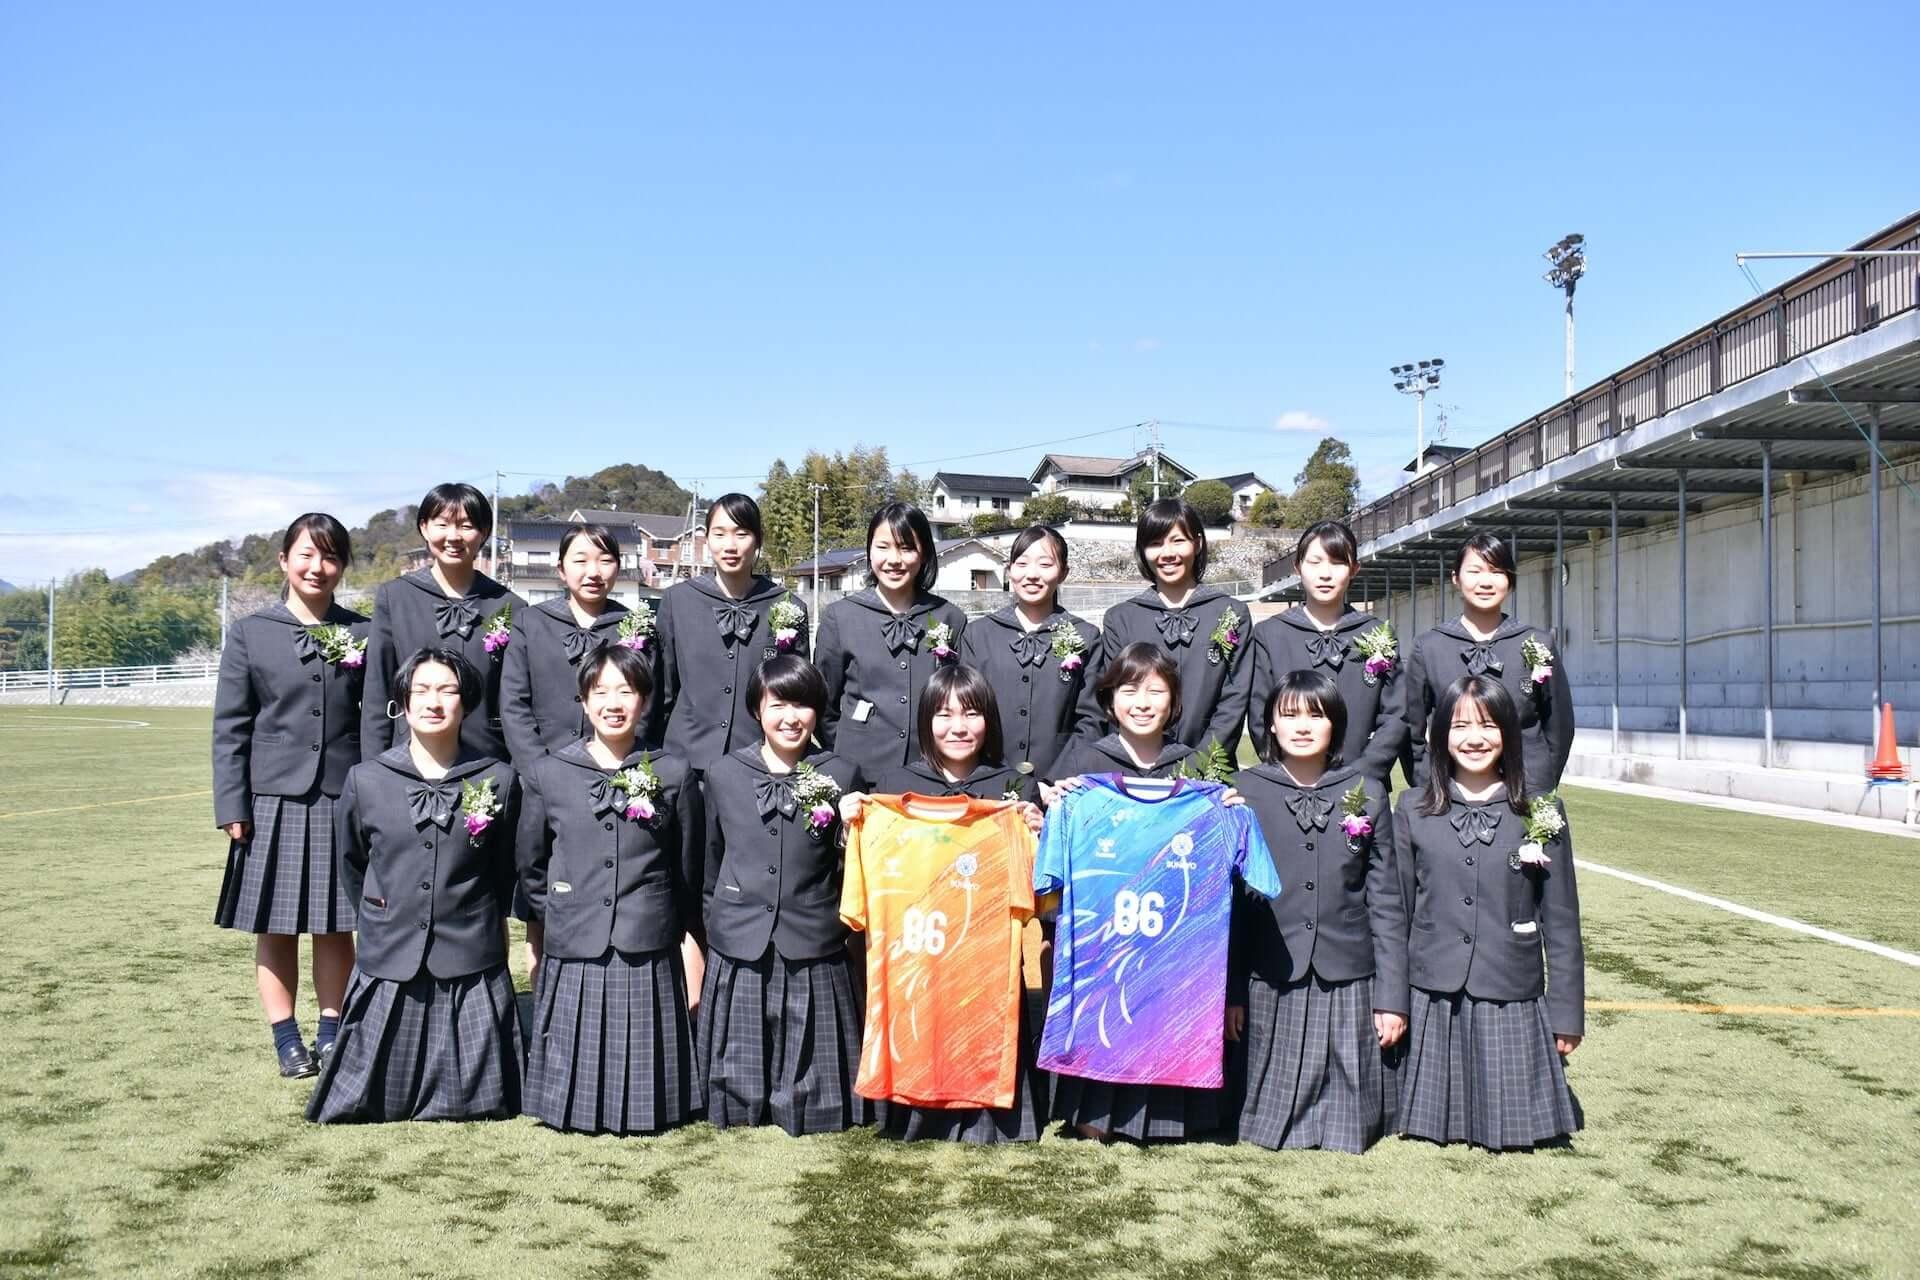 ヒュンメルにて広島文教高校の『ピースユニフォーム』が発売!収益は今夏開催のピースマッチに活用 lf210310_hummel-hbunkyo_2-1920x1280